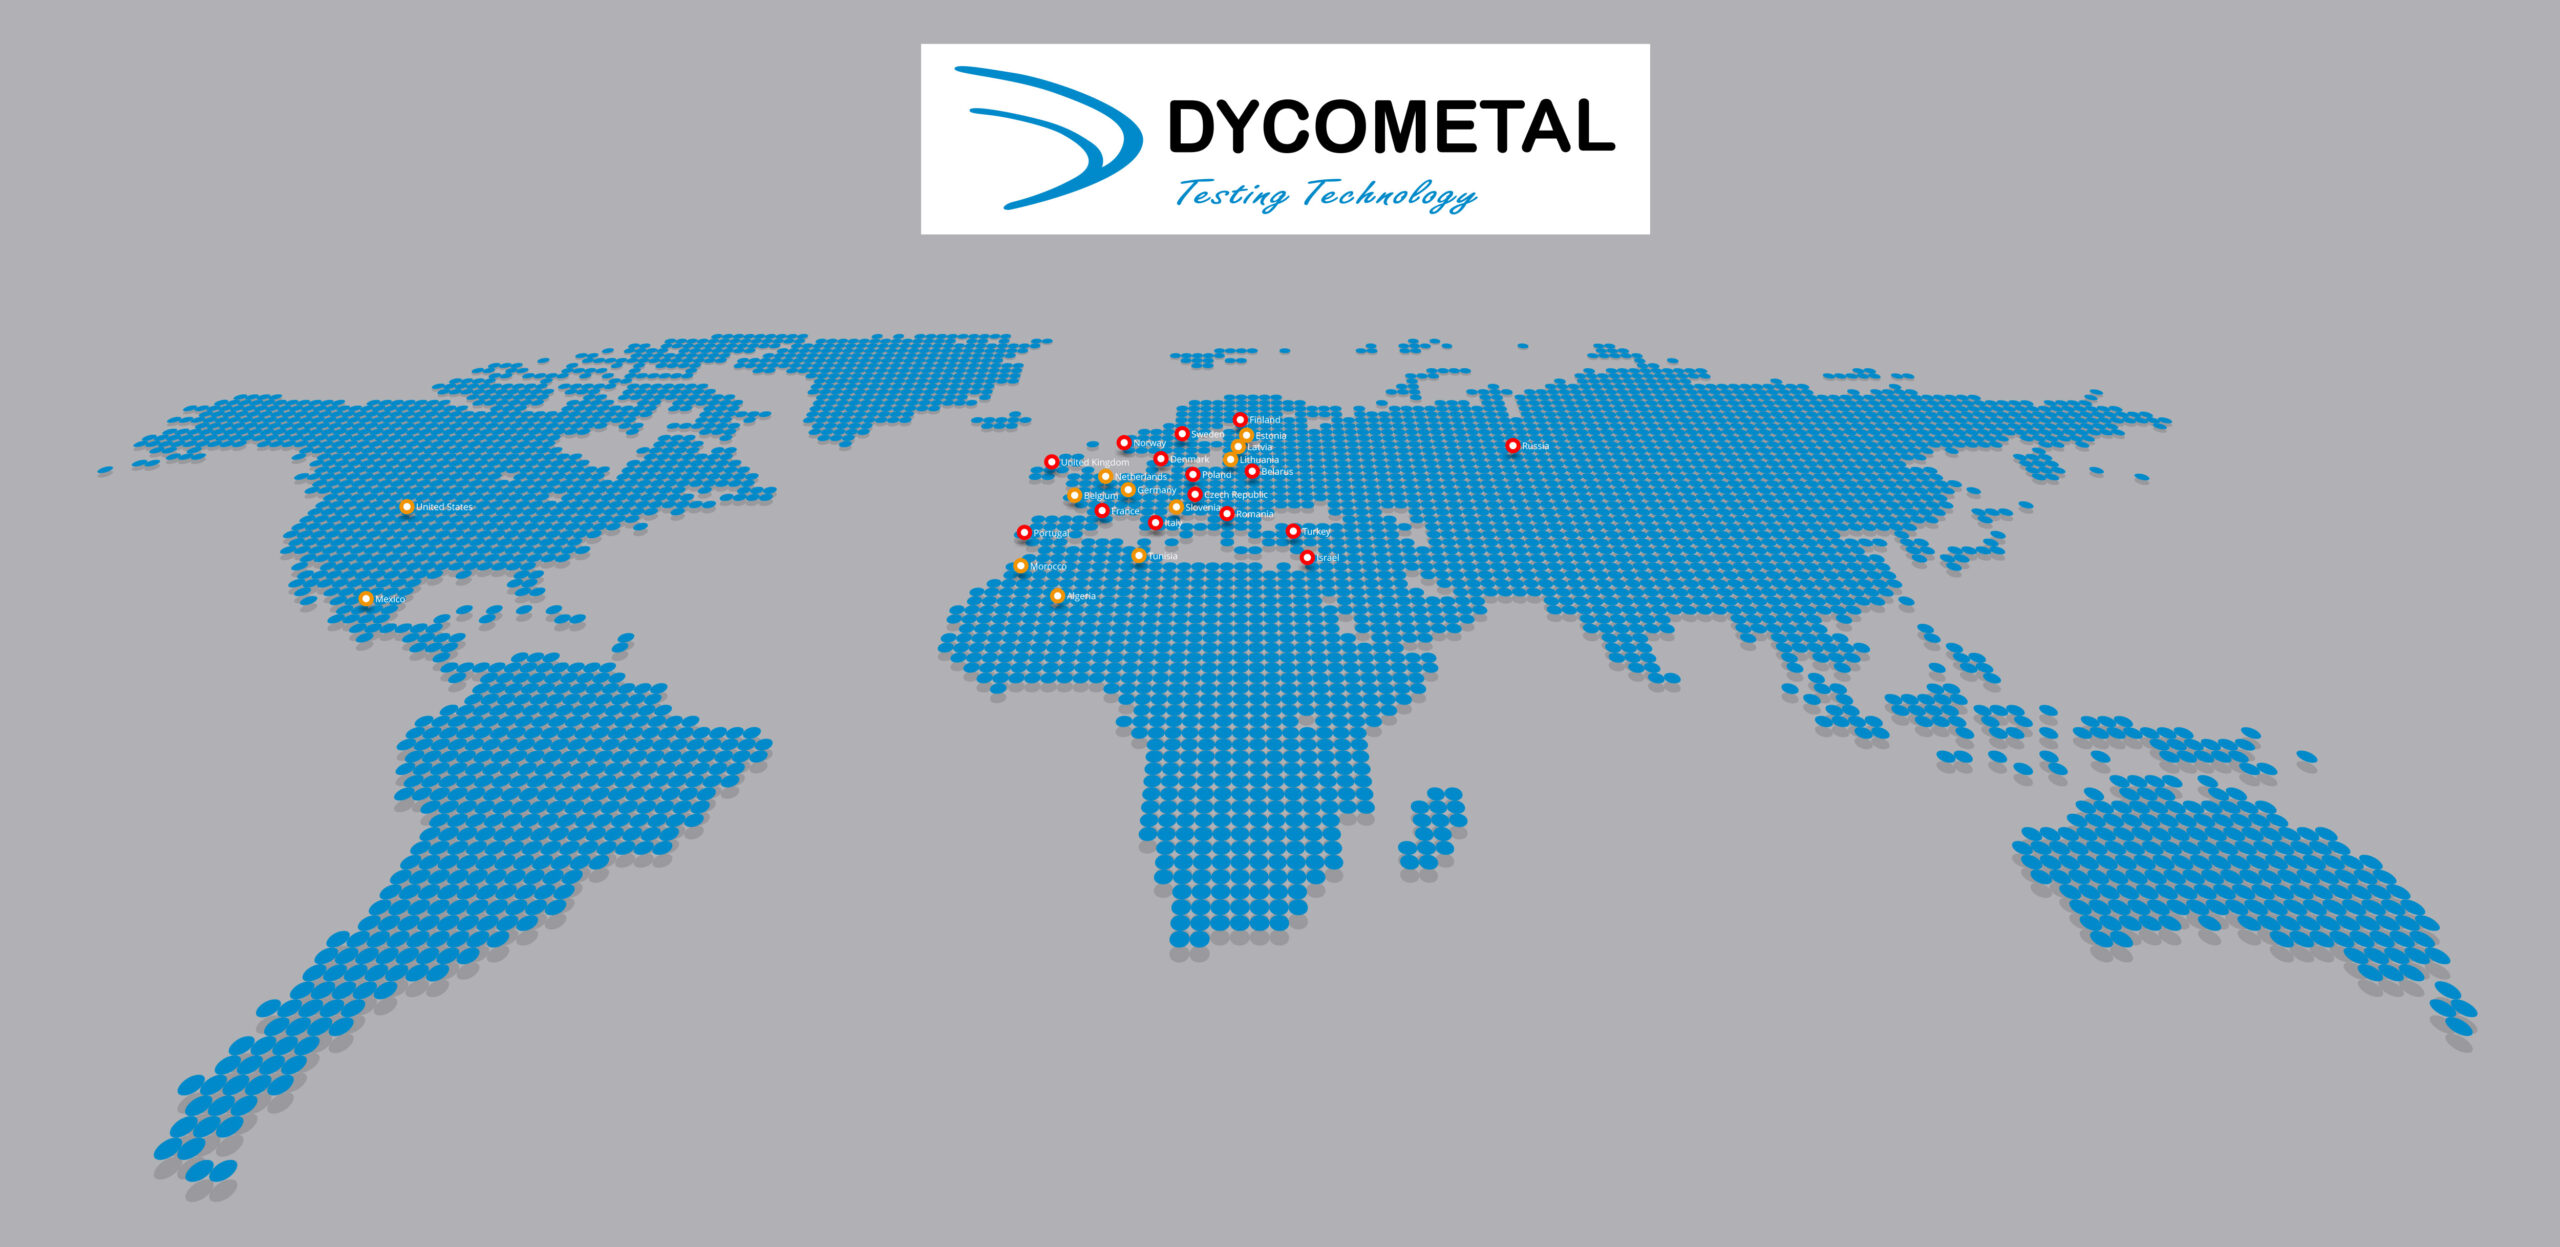 Dycometal presencia internacional